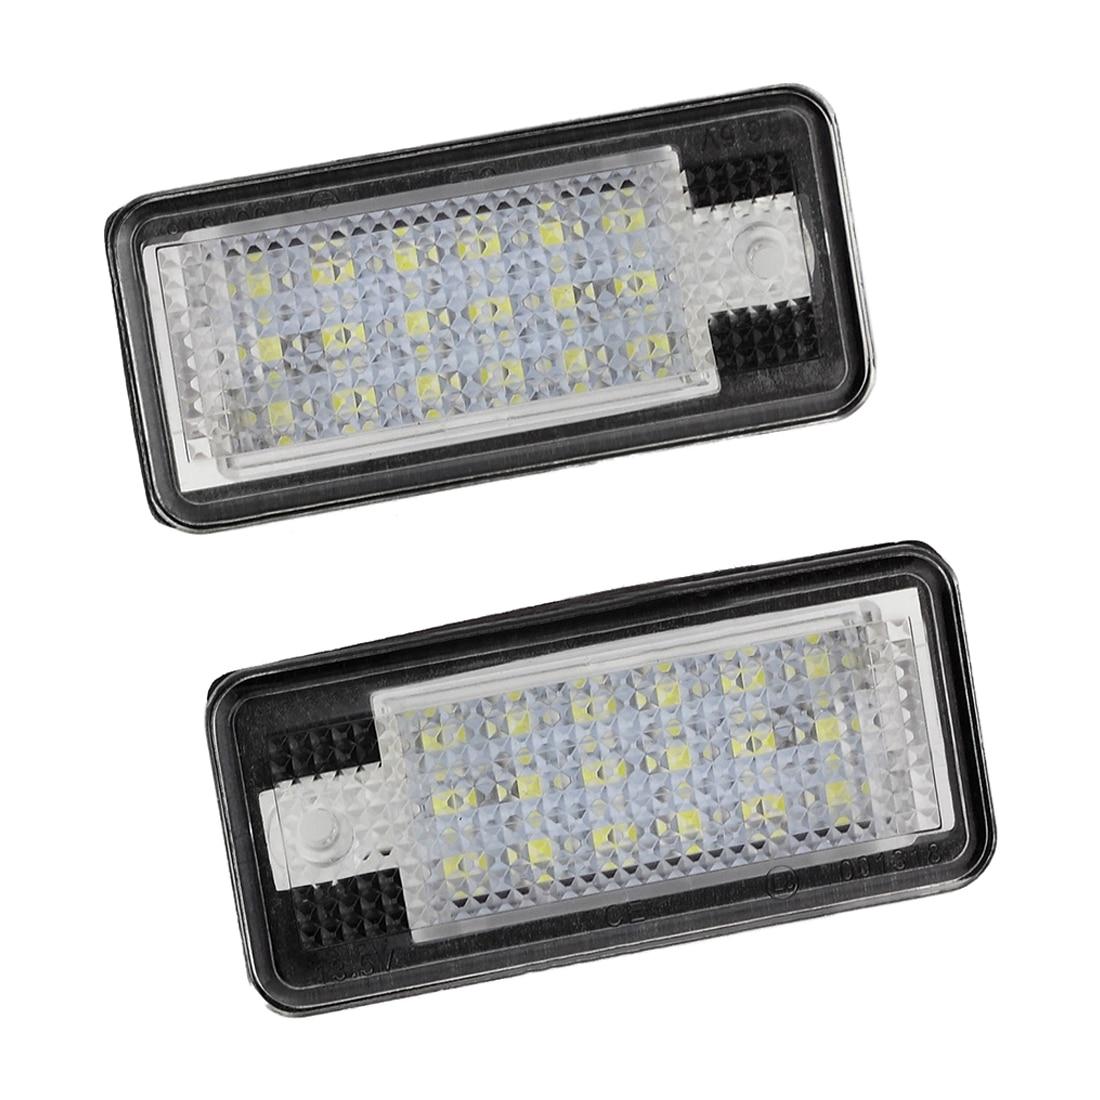 2x 18 LED License Number Plate Light Lamp For Audi A3 S3 A4 S4 B6 A6 S6 A8 S8 Q7 18smd 6000k led license number plate light lamp for audi a3 s3 a4 s4 b6 b7 a6 s6 a8 q7 no canbus error 144